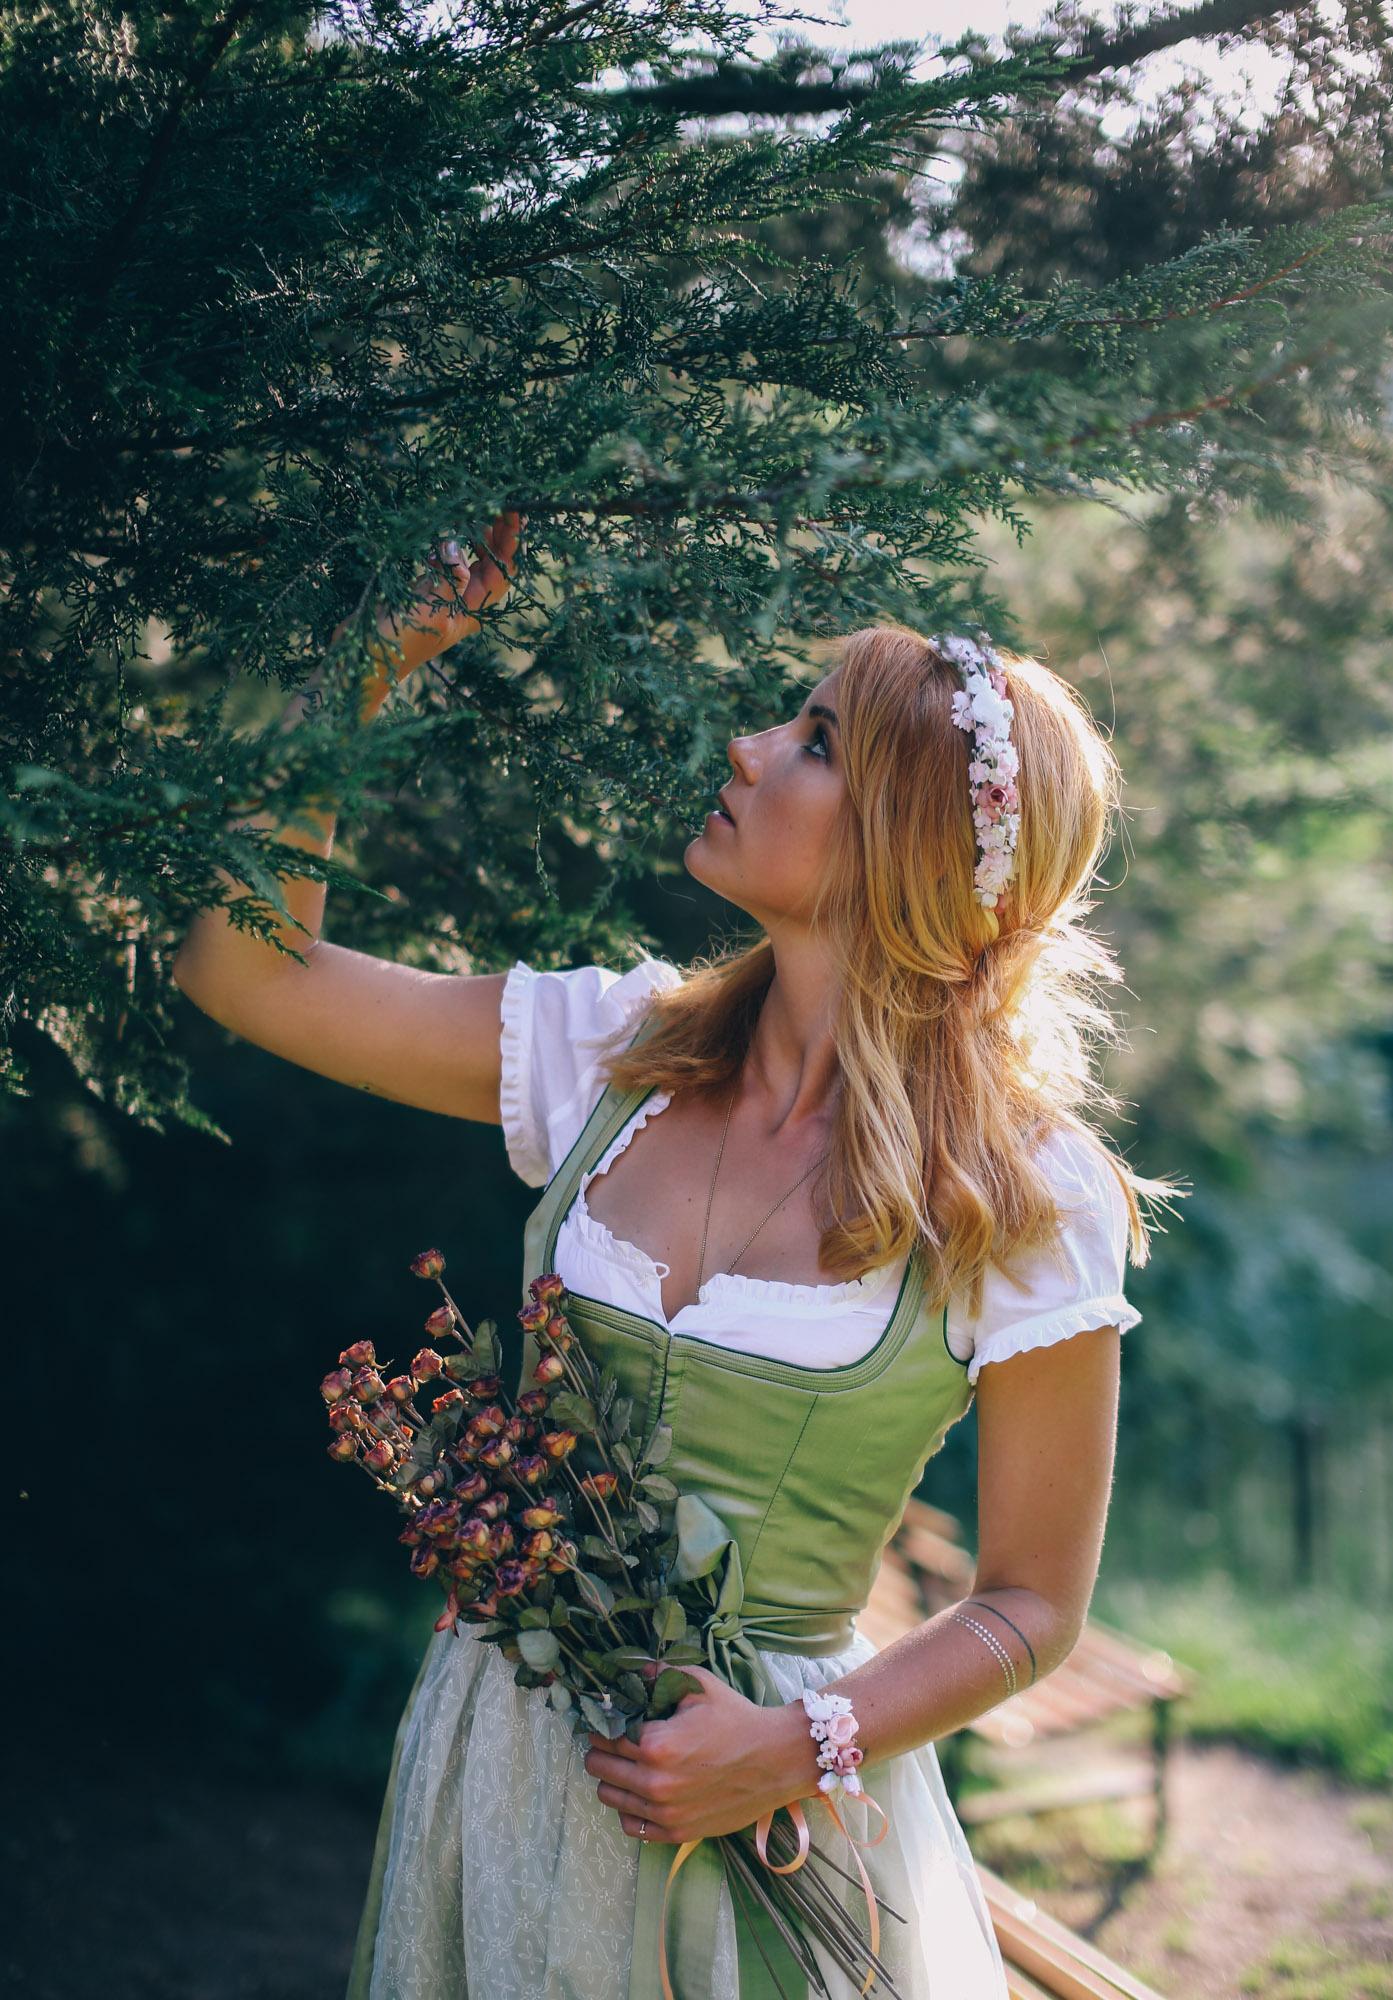 ADA16_Lookbook_We_are_flowergirls_blumenkranz_trachten_flowercrown_(11_von_40)_WEB.jpg